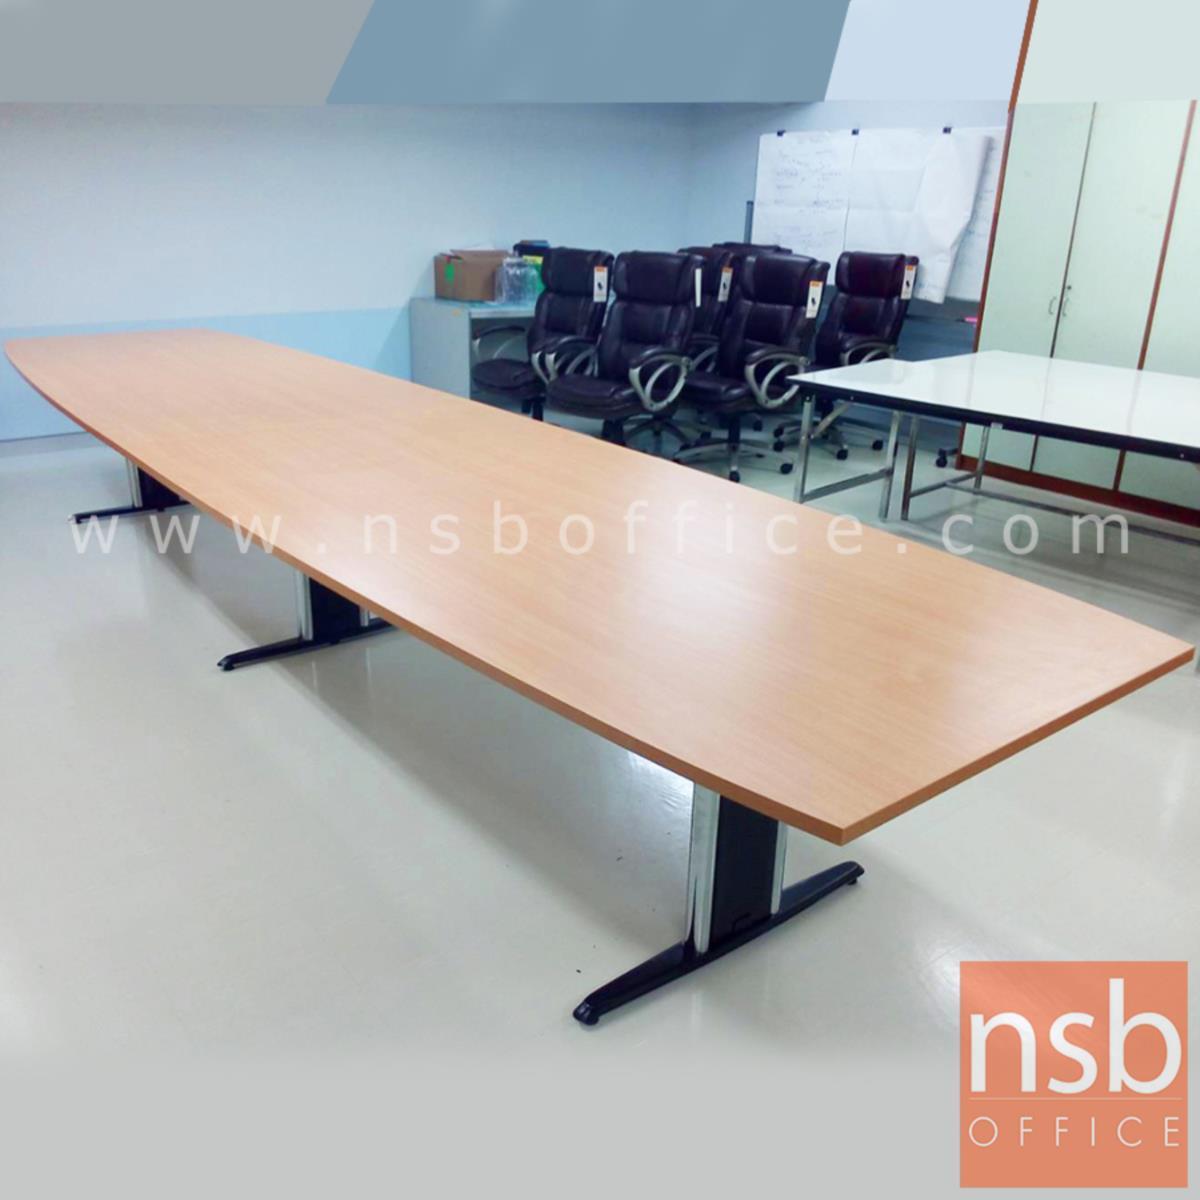 โต๊ะประชุมทรงเรือ  ขนาด 300W ,360W ,400W ,480W cm. พร้อมระบบคานเหล็ก ขาเหล็กตัวไอ